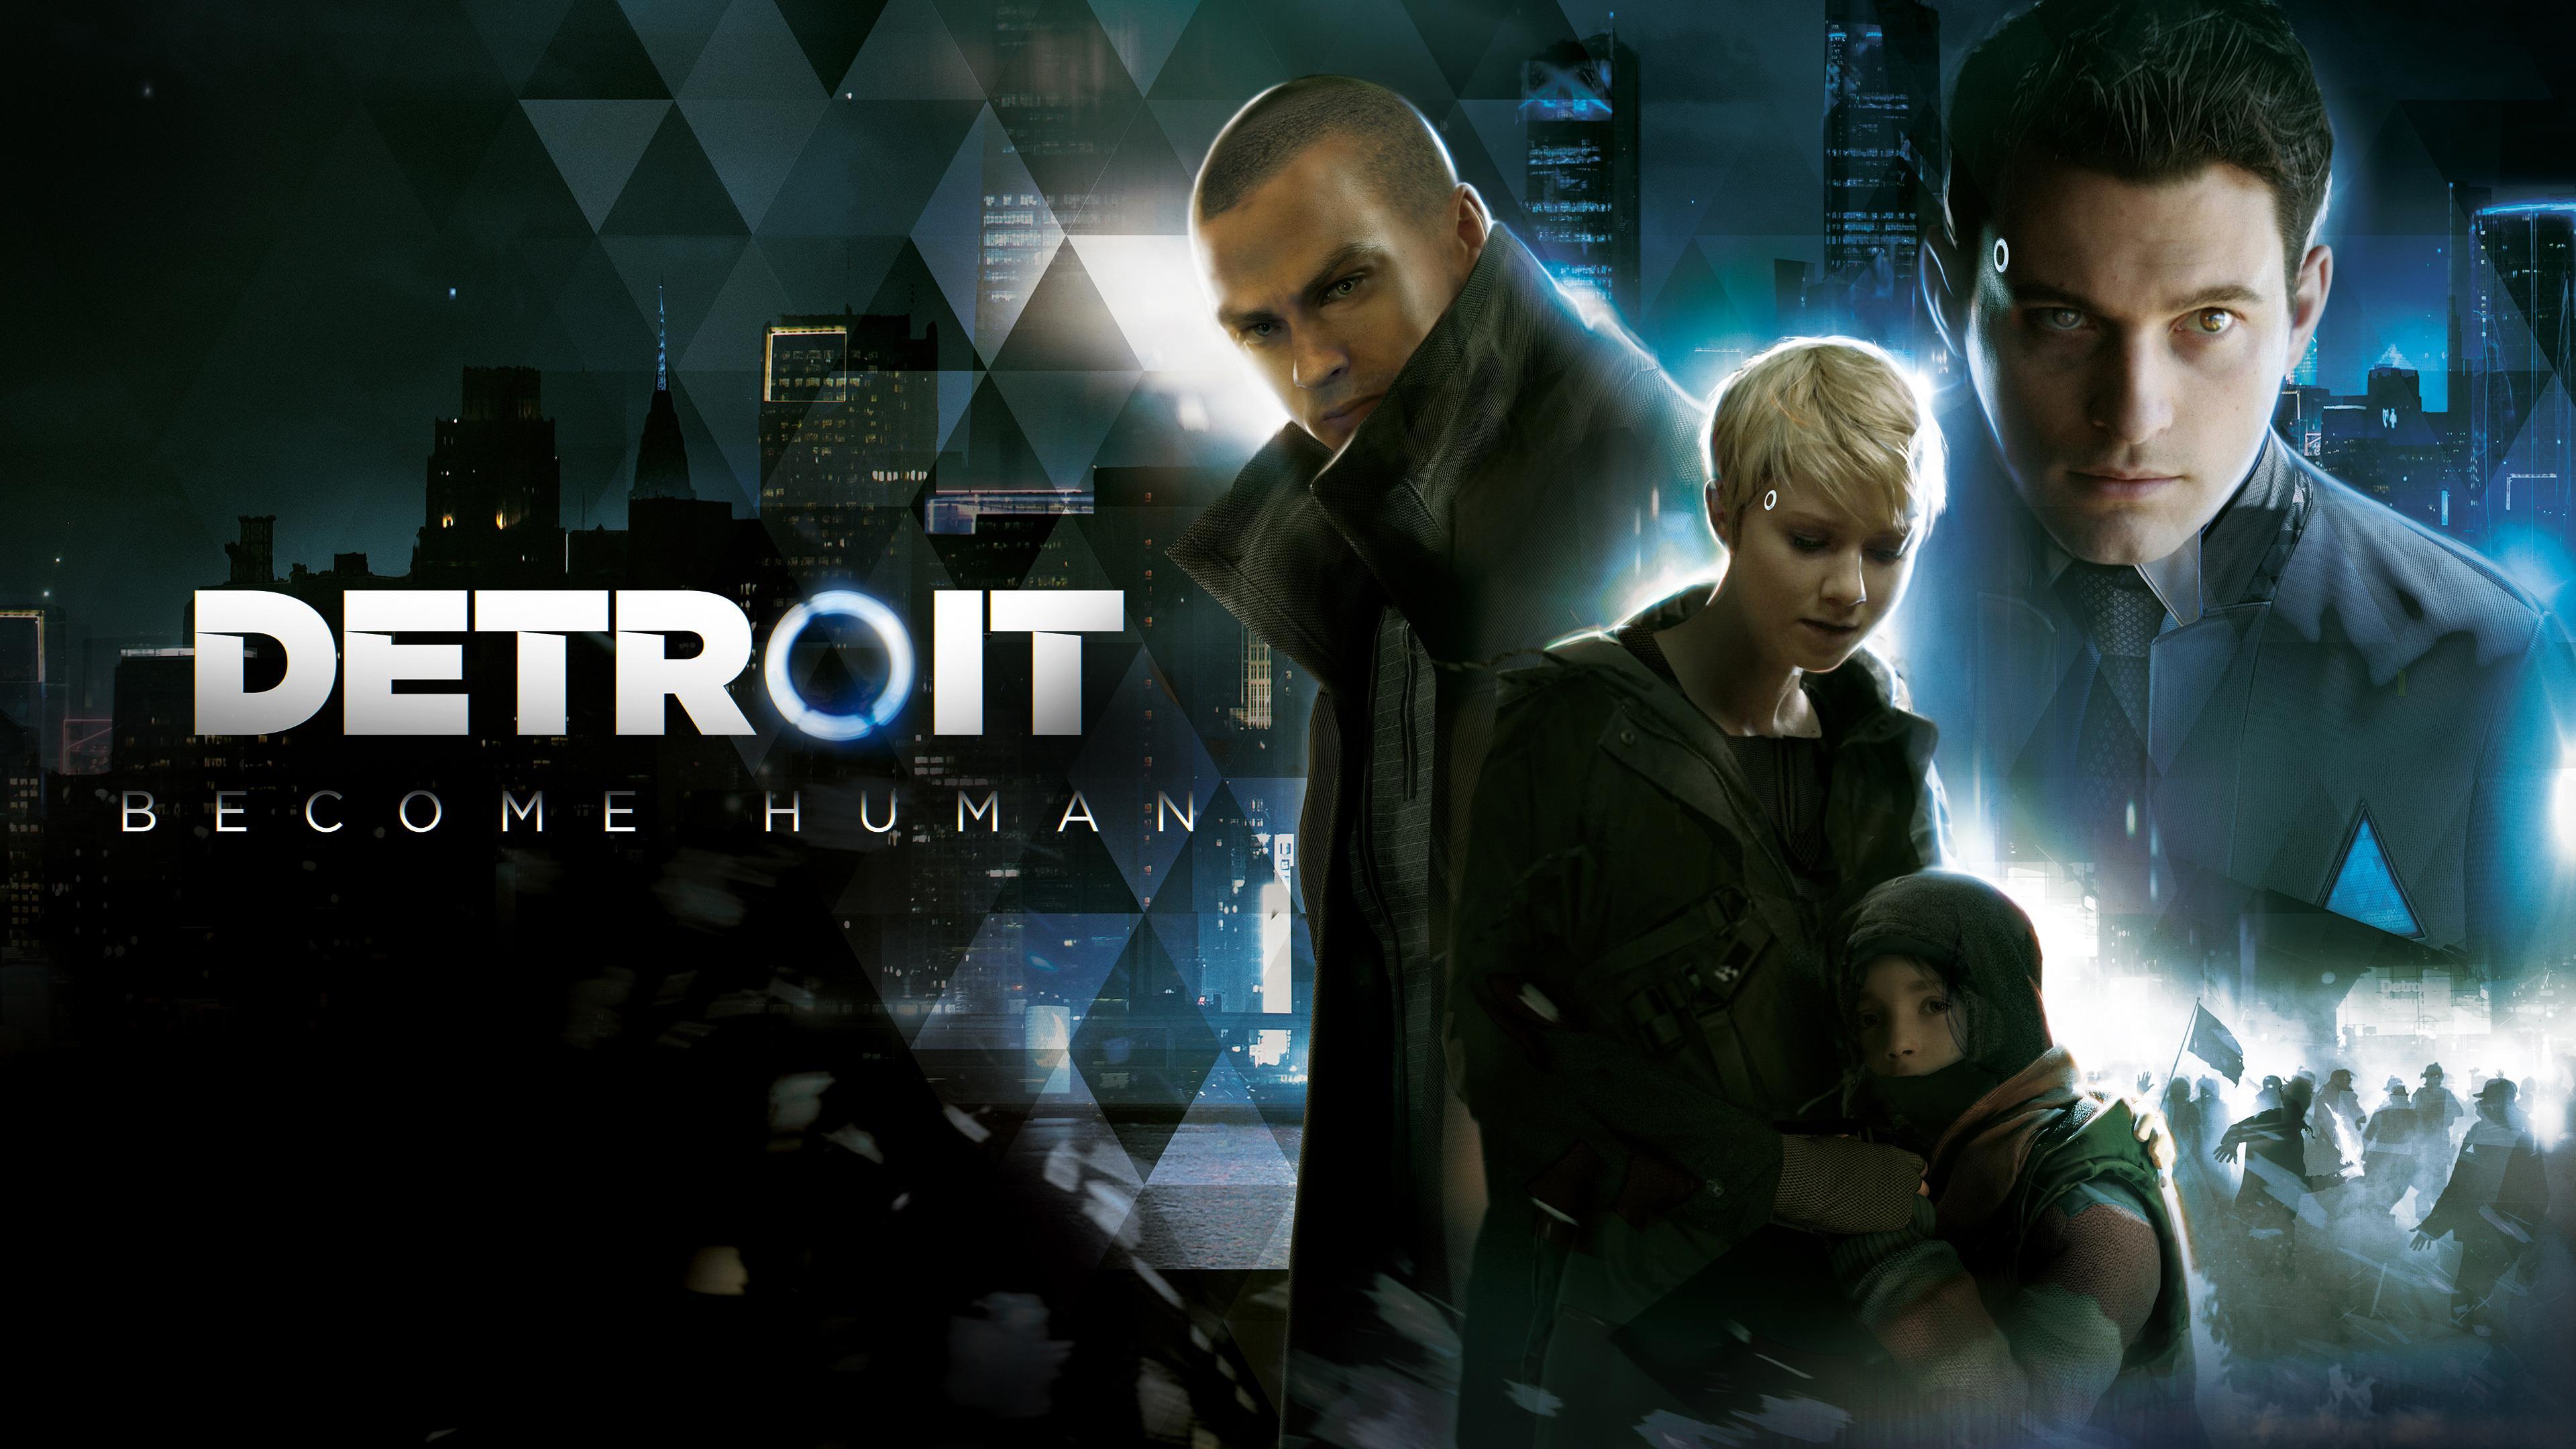 《底特律:变人》评测:玩家书写下的科幻未来